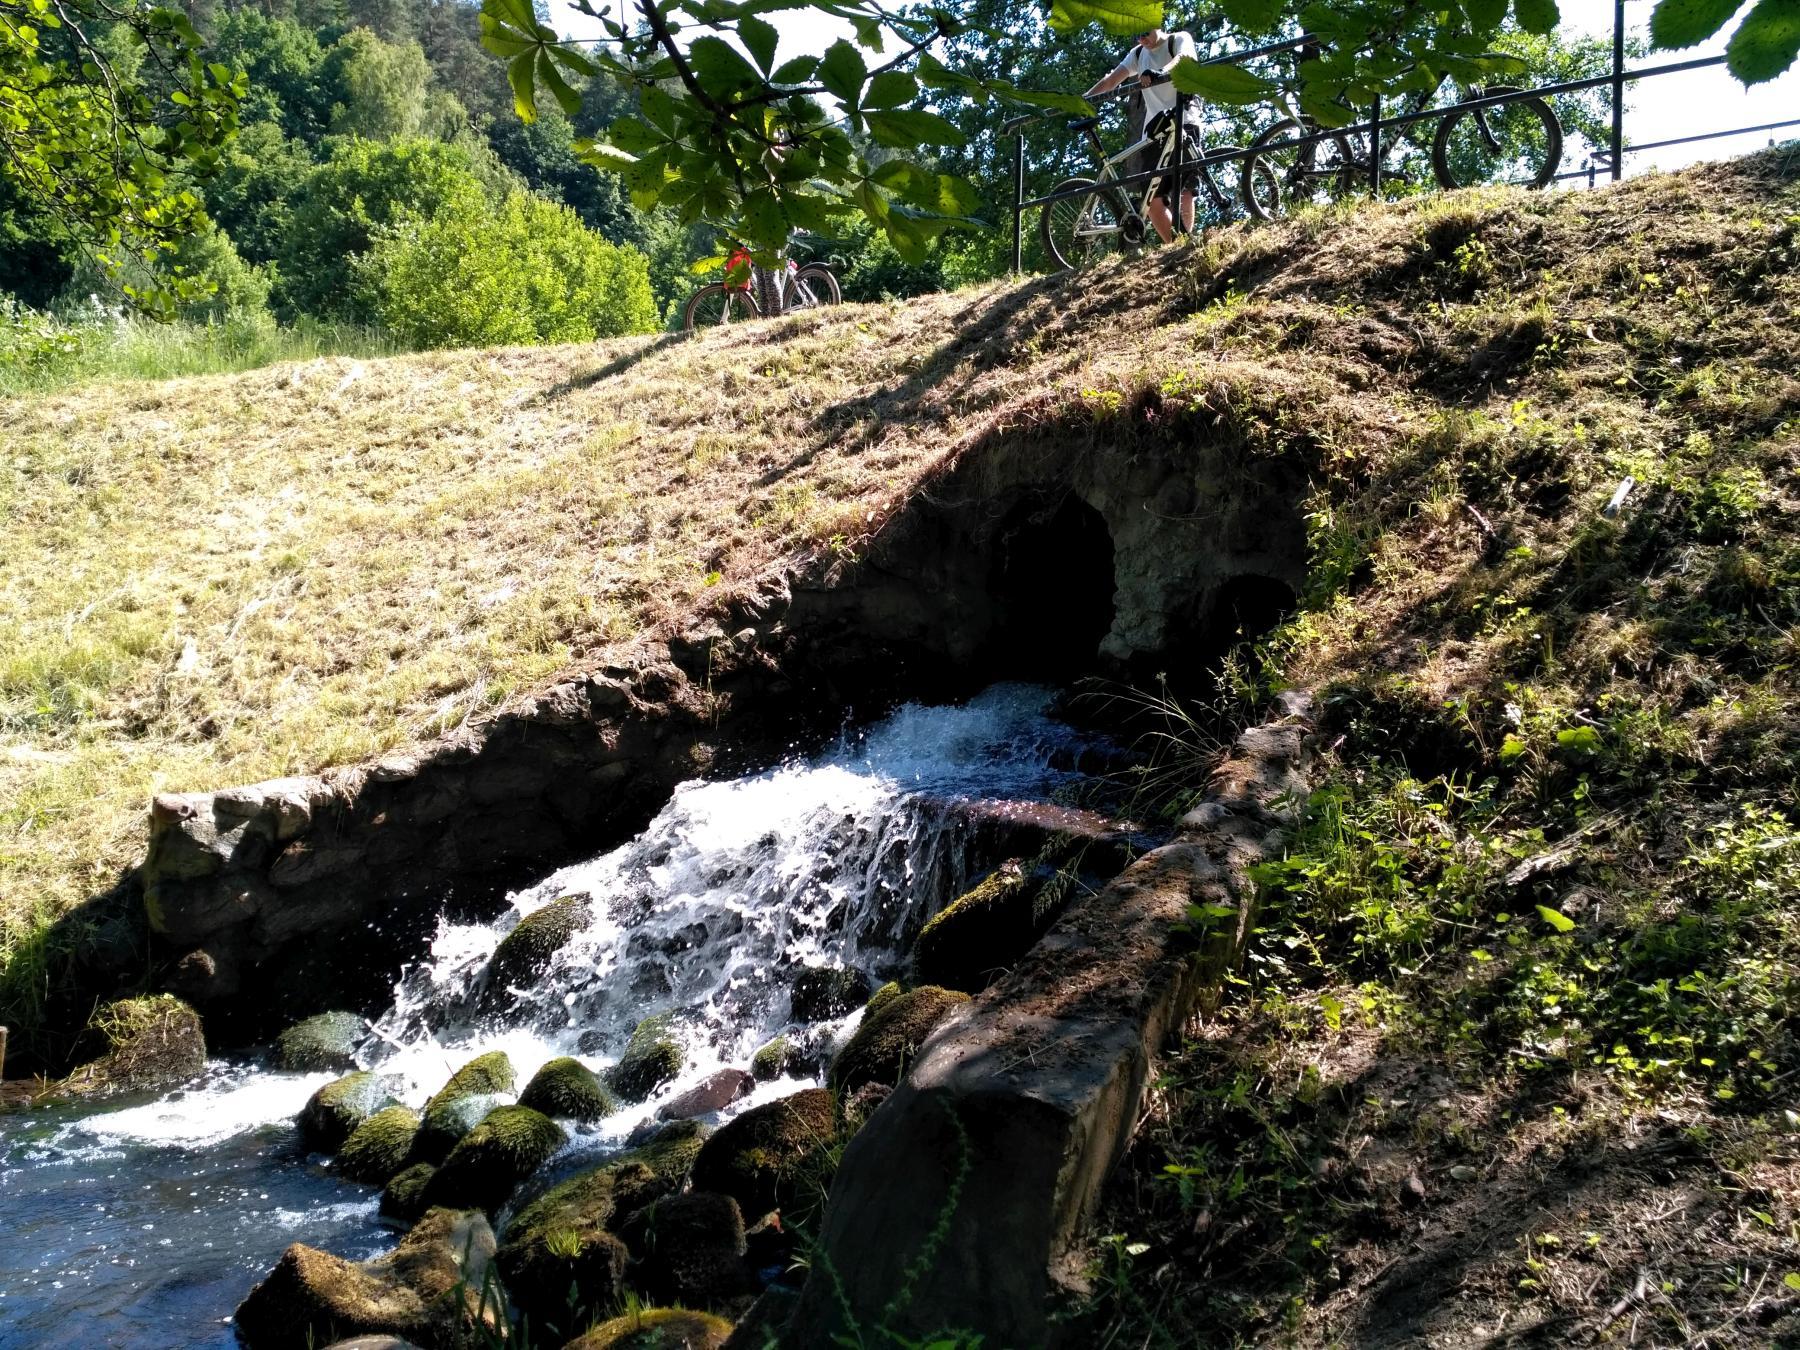 Potok Oliwski w Dolinie Radości